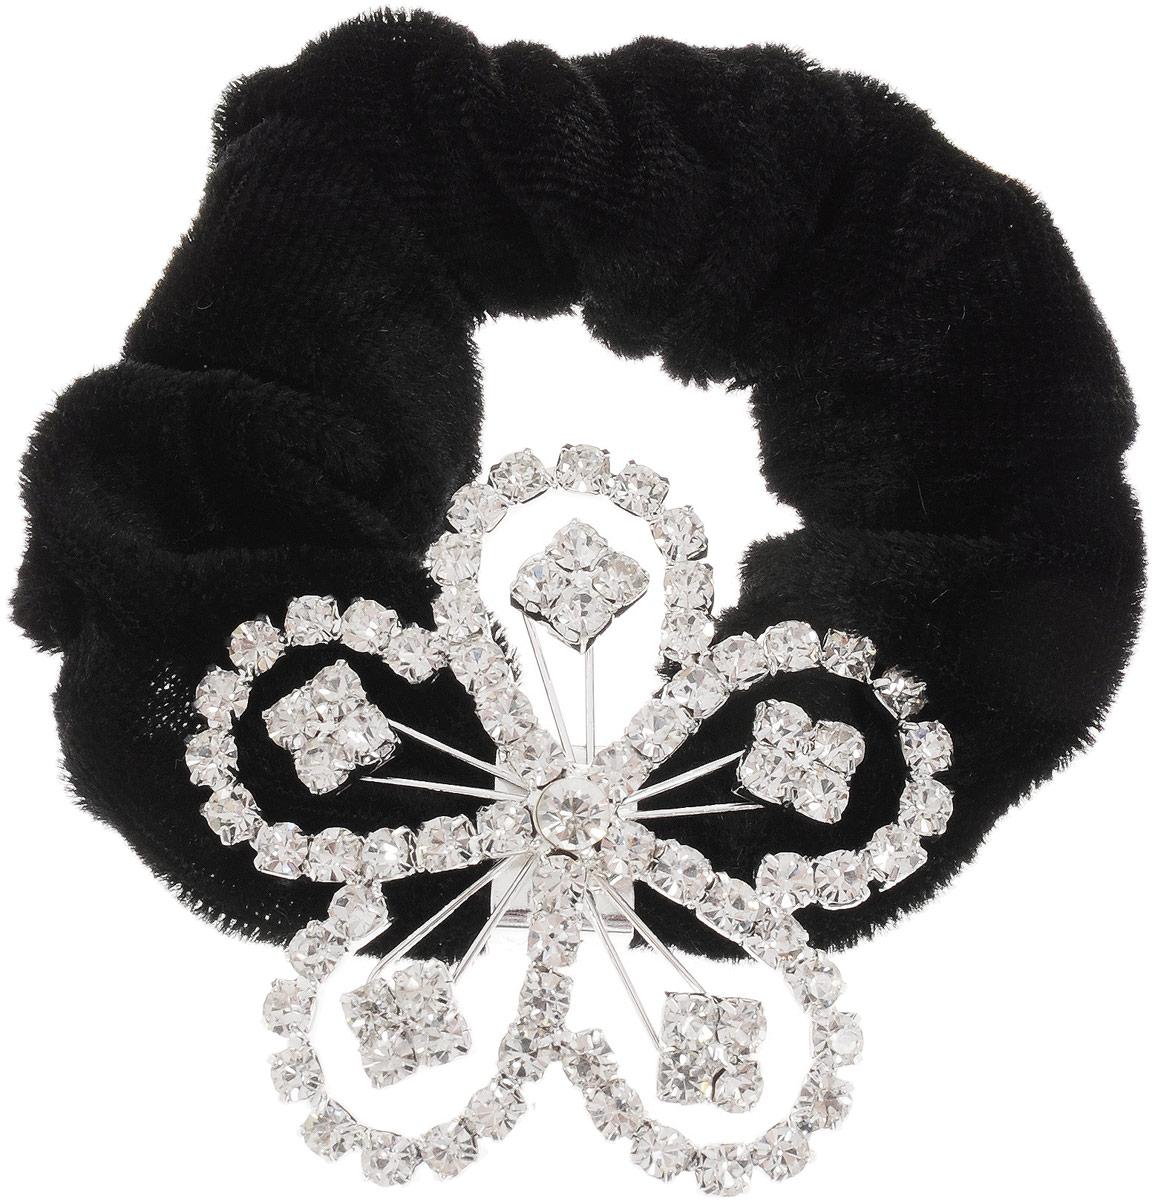 Резинка для волос Fashion House, цвет: серебристый, черный. FH33178Серьги с подвескамиРезинка для волос Fashion House изготовлена из текстиля и дополнена металлическим декоративным элементом, выполненным в виде цветка, оформленного стразами. Изделие надежно зафиксирует волосы и завершит образ.